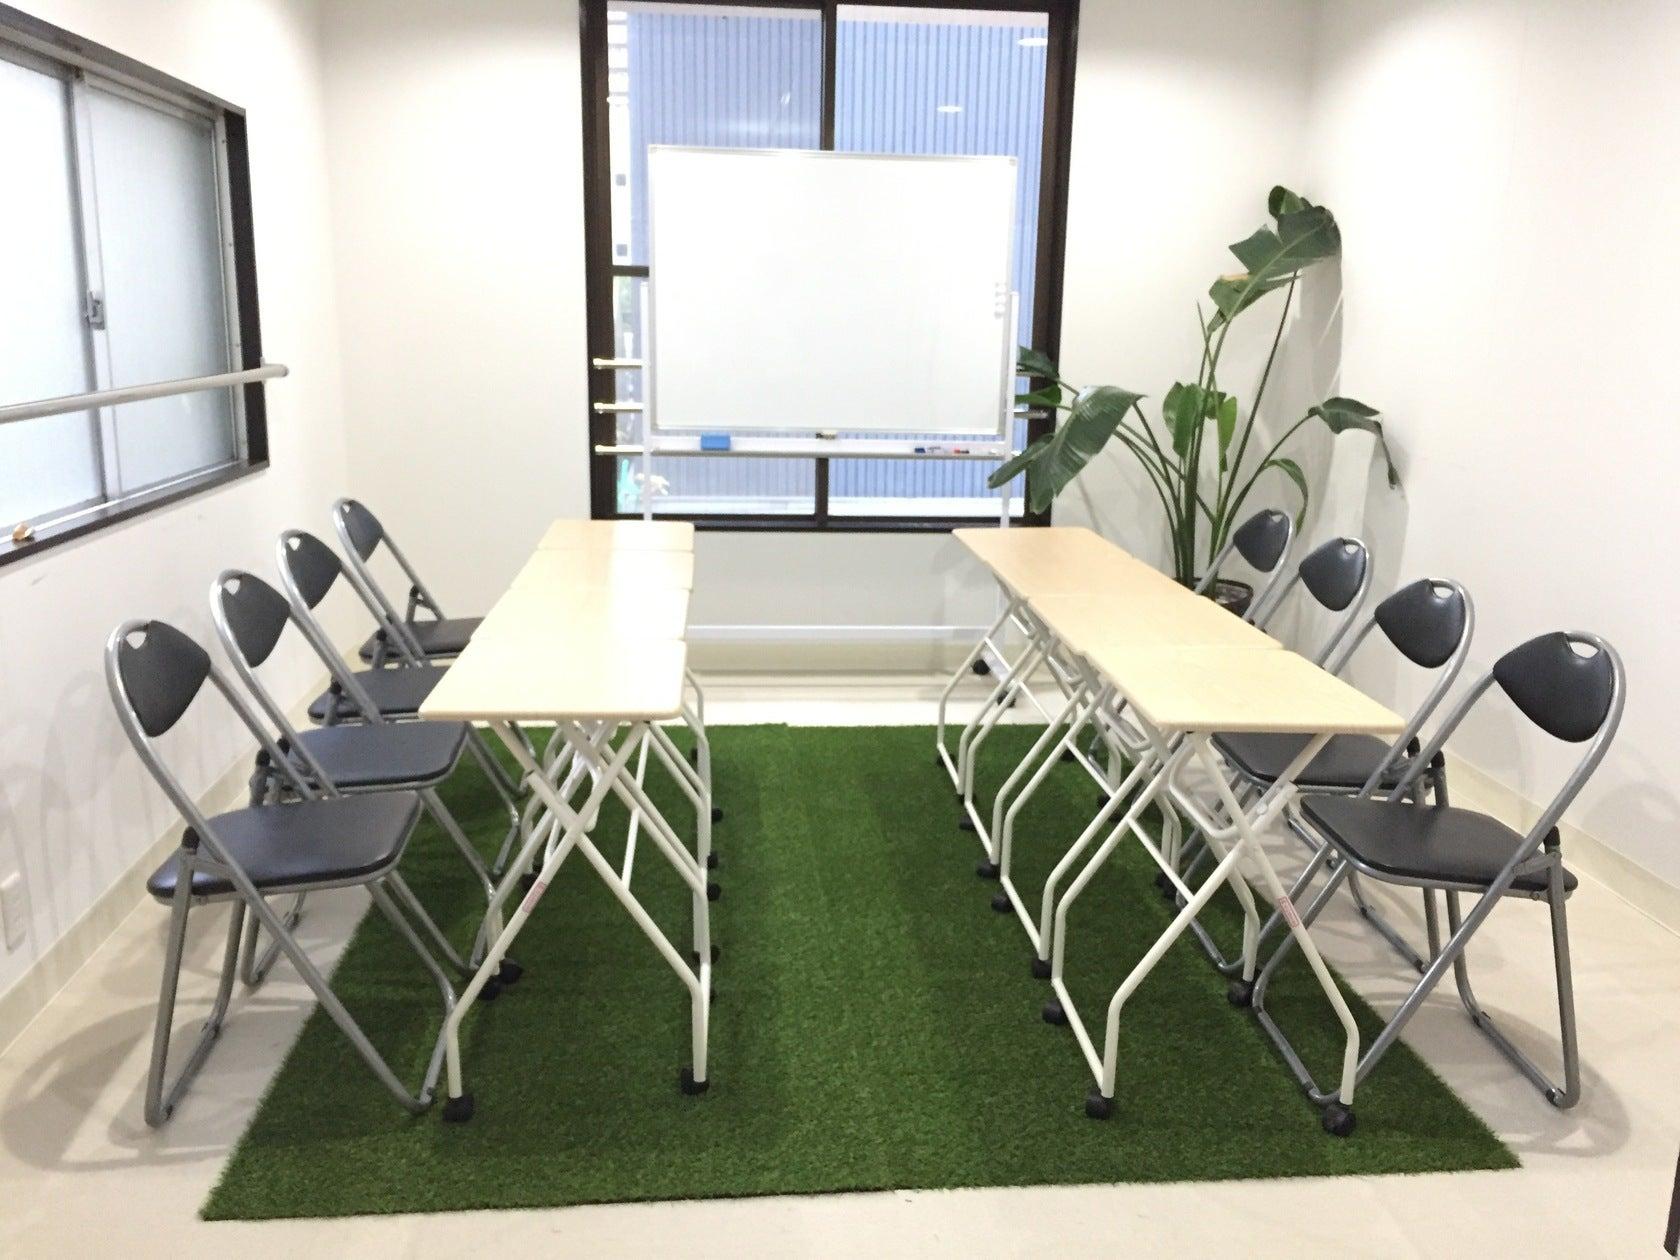 【久屋大通 徒歩5分】気分を変えて、芝生の上でミーティング。リラックスした空間で新しい発想が生まれるかも?会議・セミナー利用に。(レンタルスペース うてろ いるまーれ) の写真0